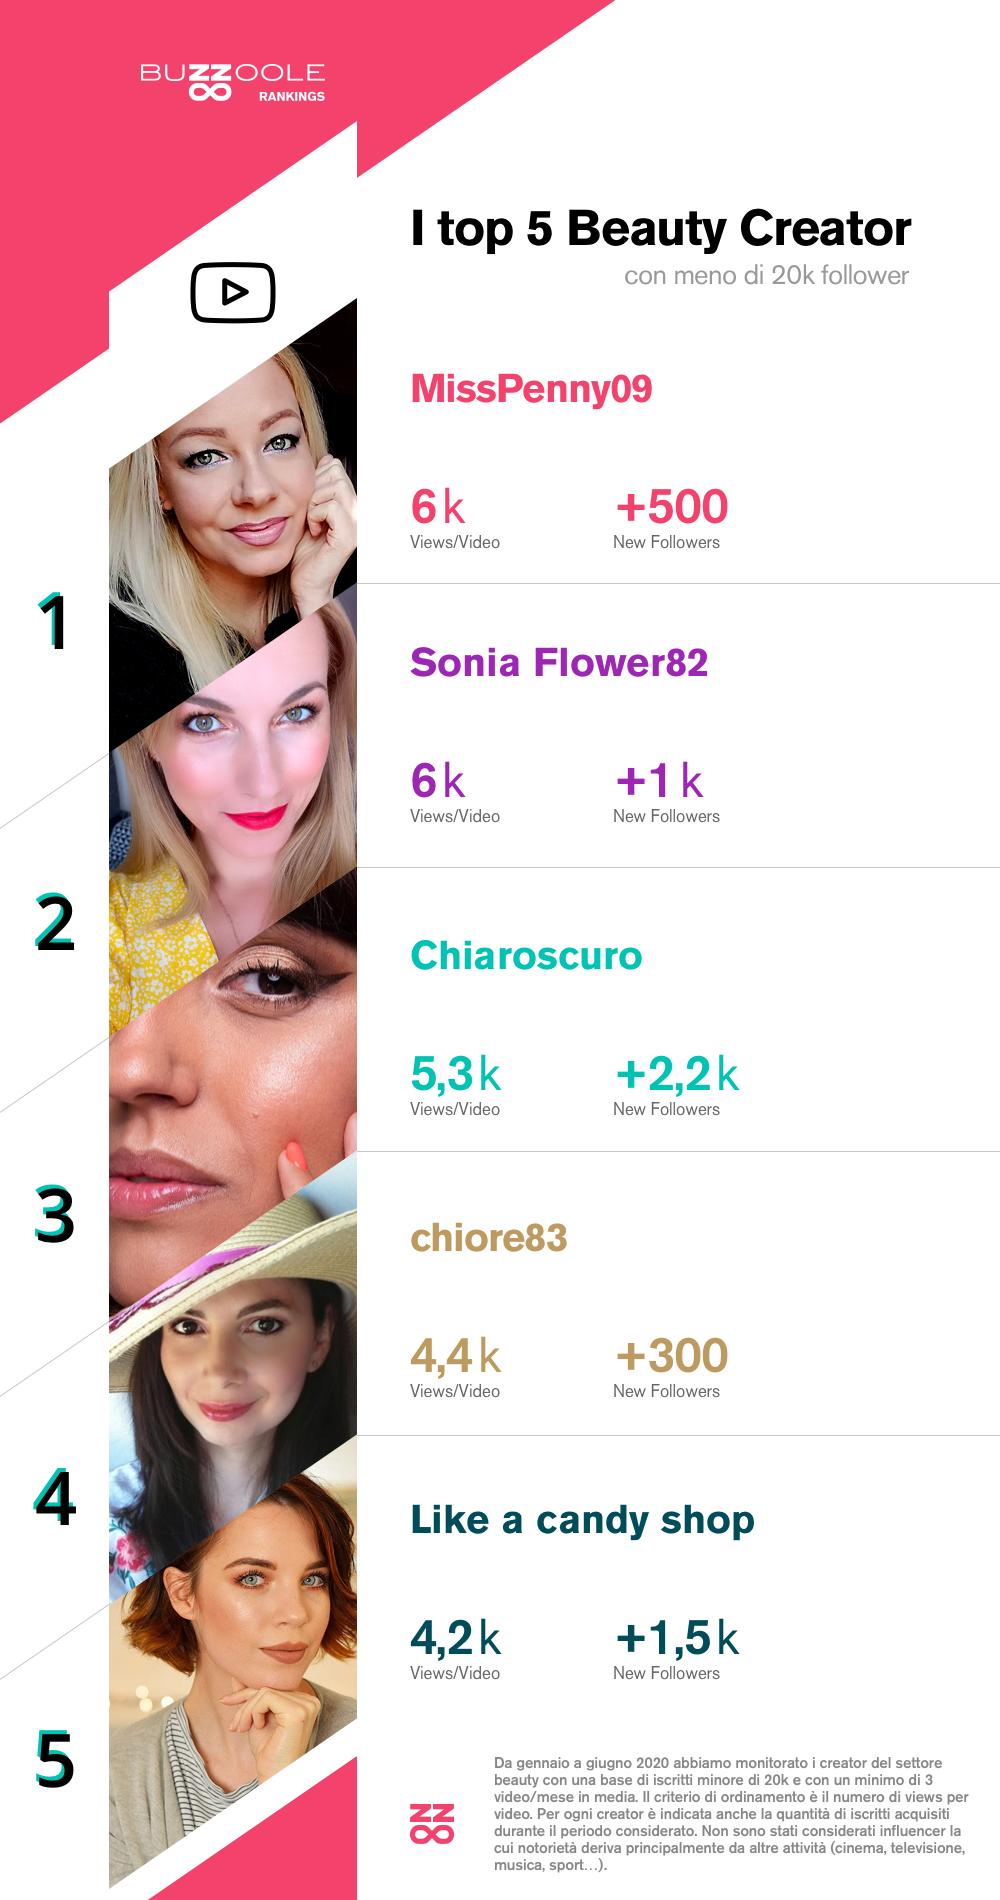 La classifica dei micro influencer beauty